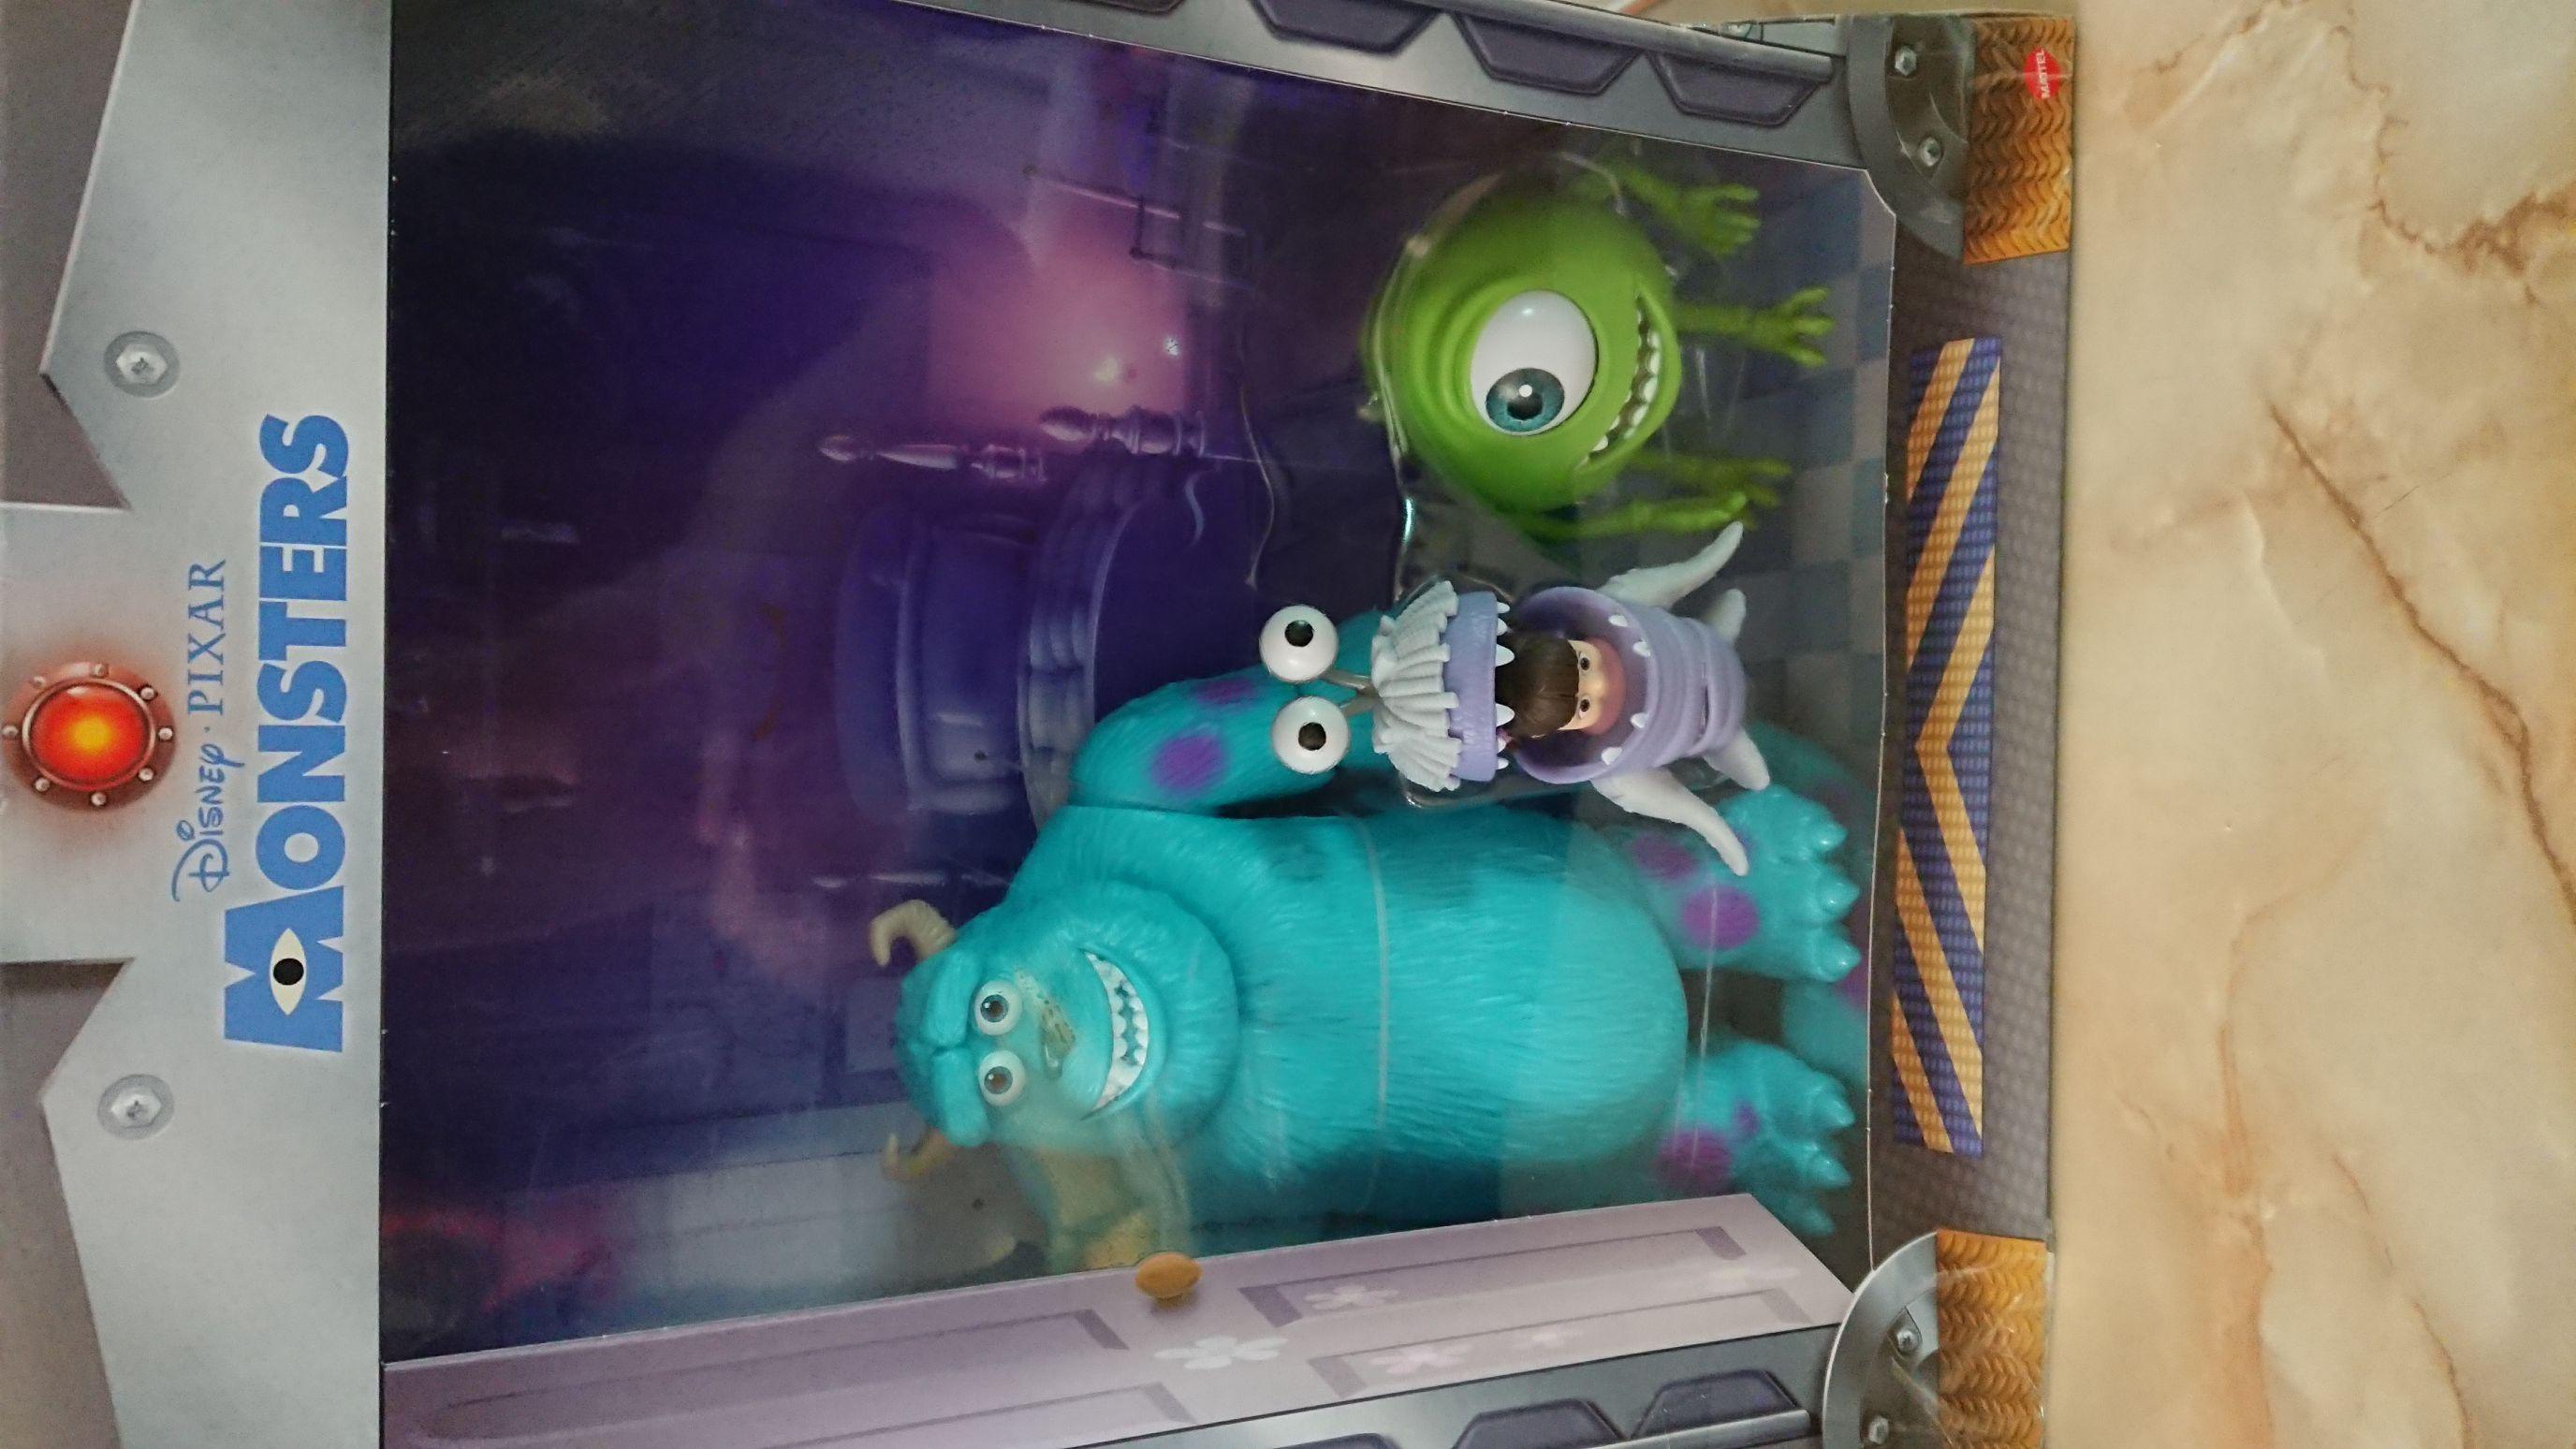 Bodega Aurrerá: Pixar monster inc